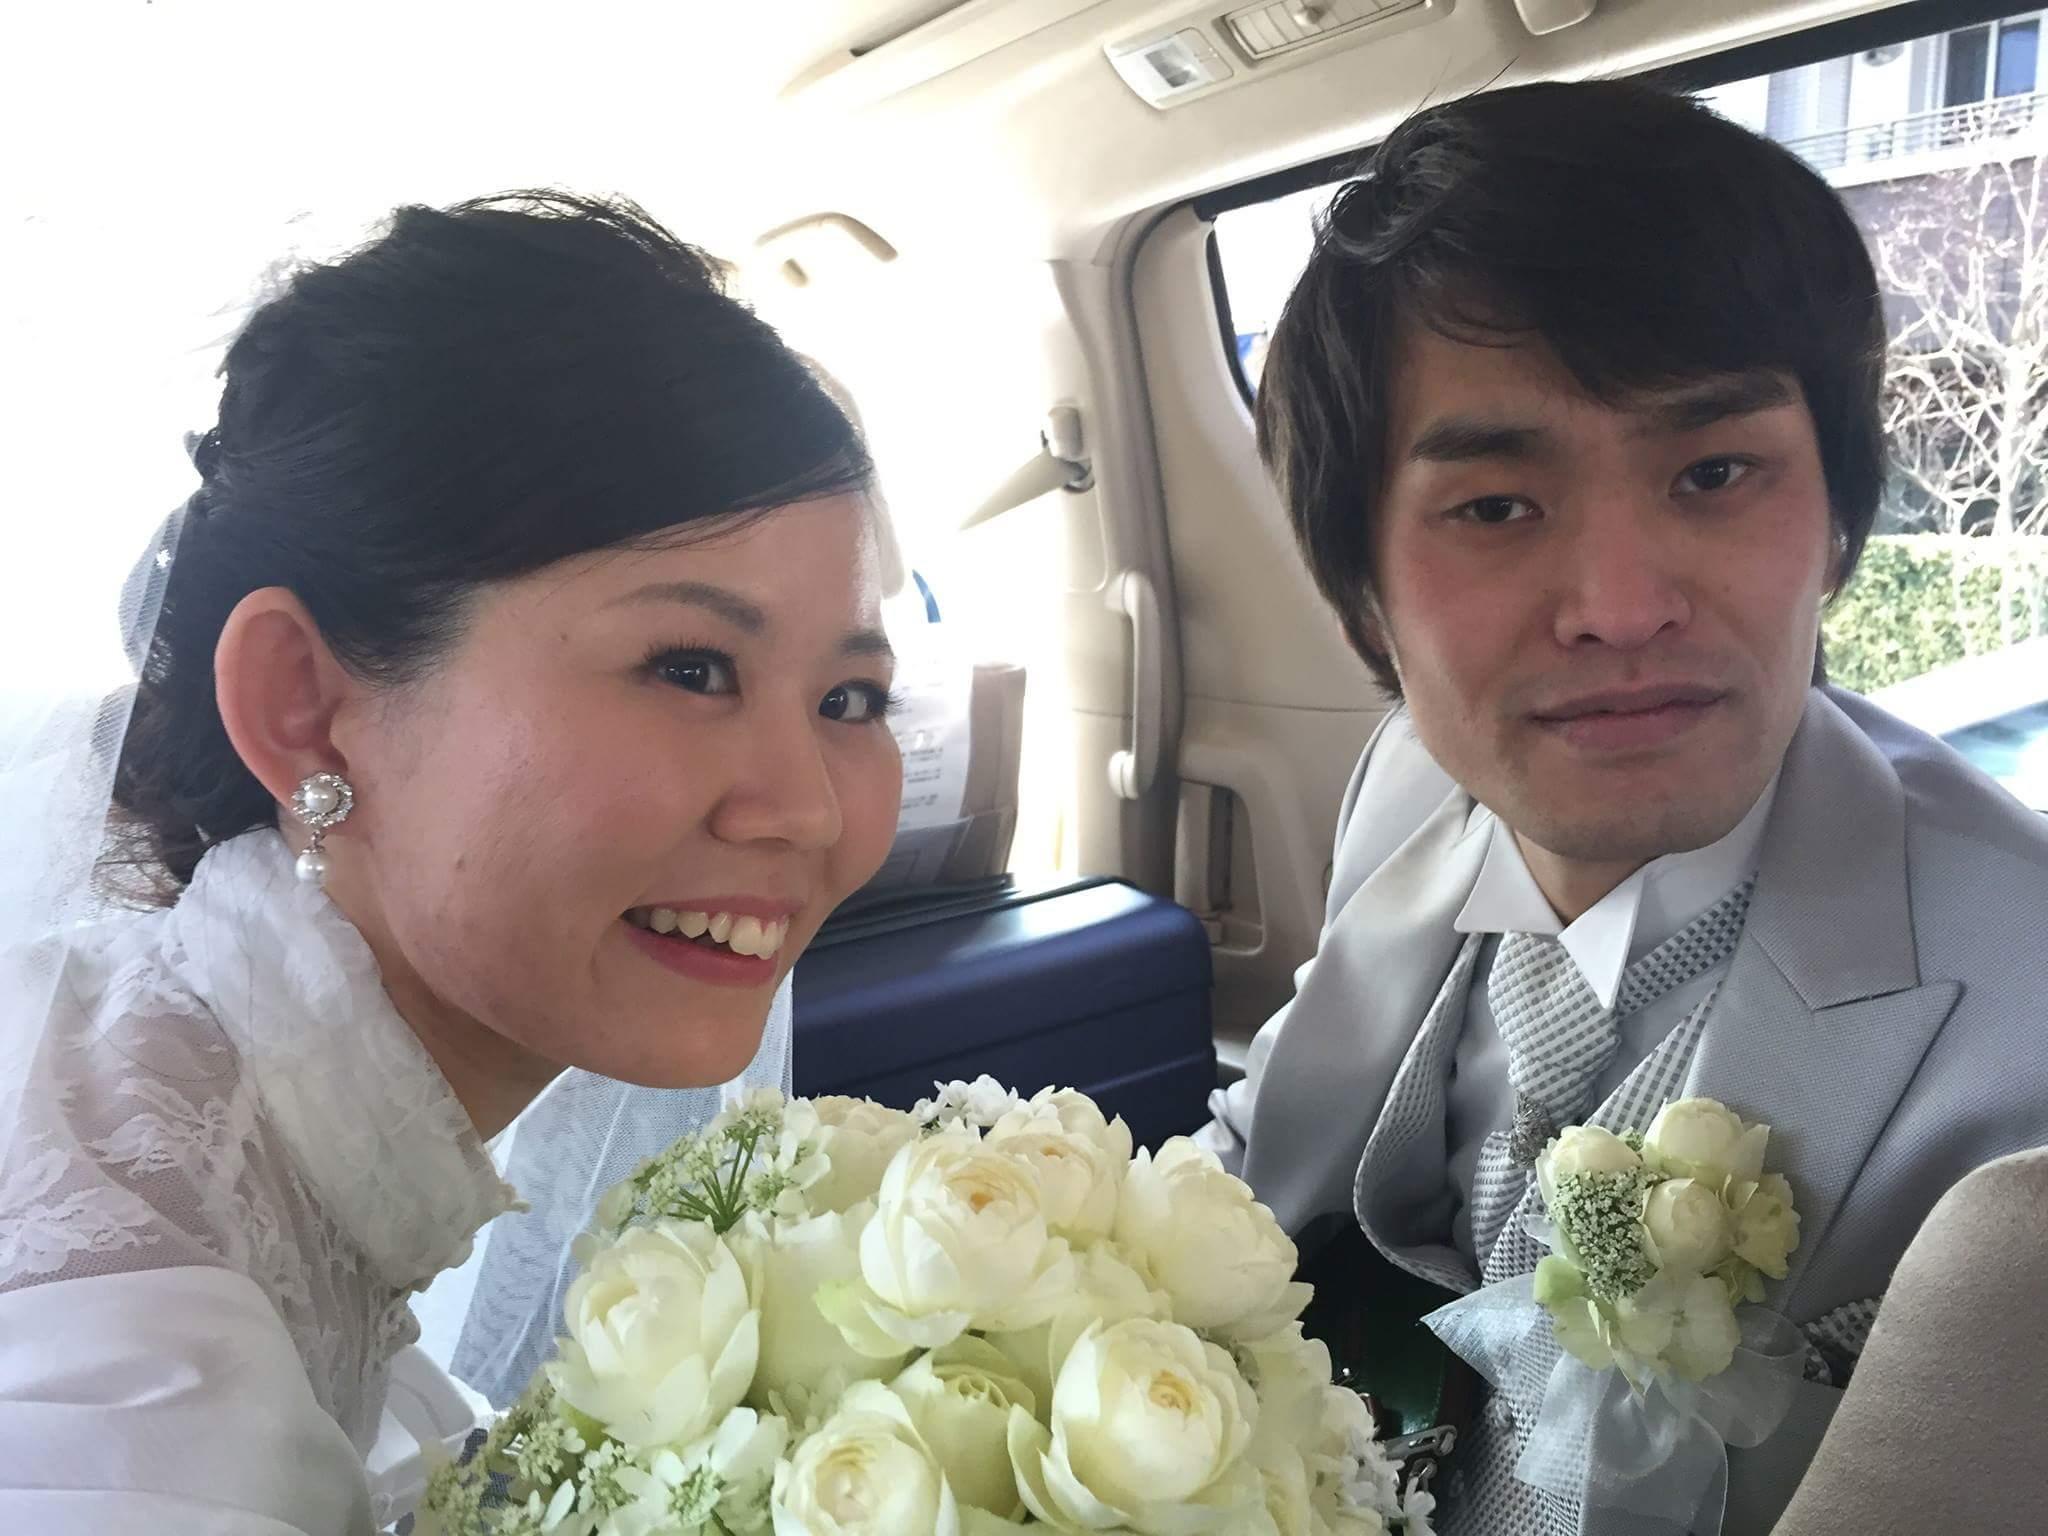 新郎新婦様からのメール 高輪教会様への装花 目には見えないもの_a0042928_22285963.jpg